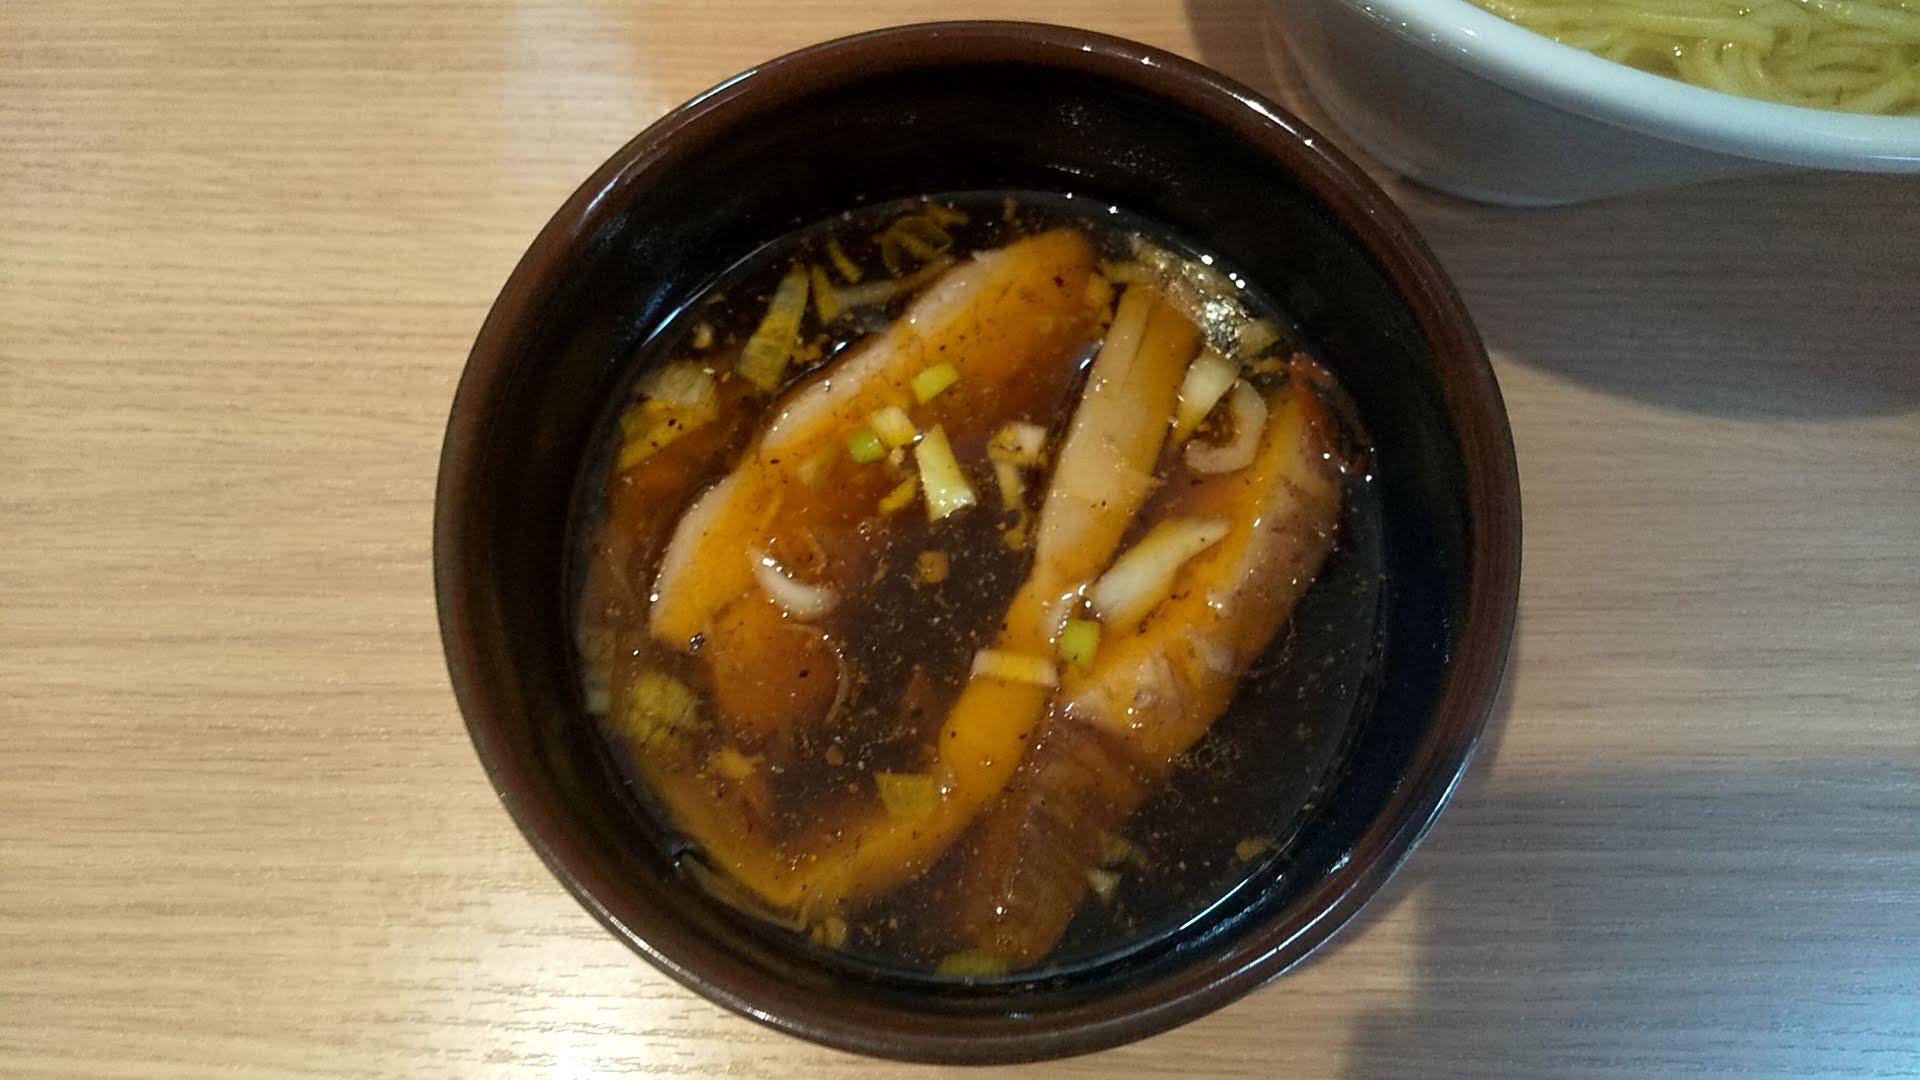 中華そば光のピリ辛つけ麺のつけ汁